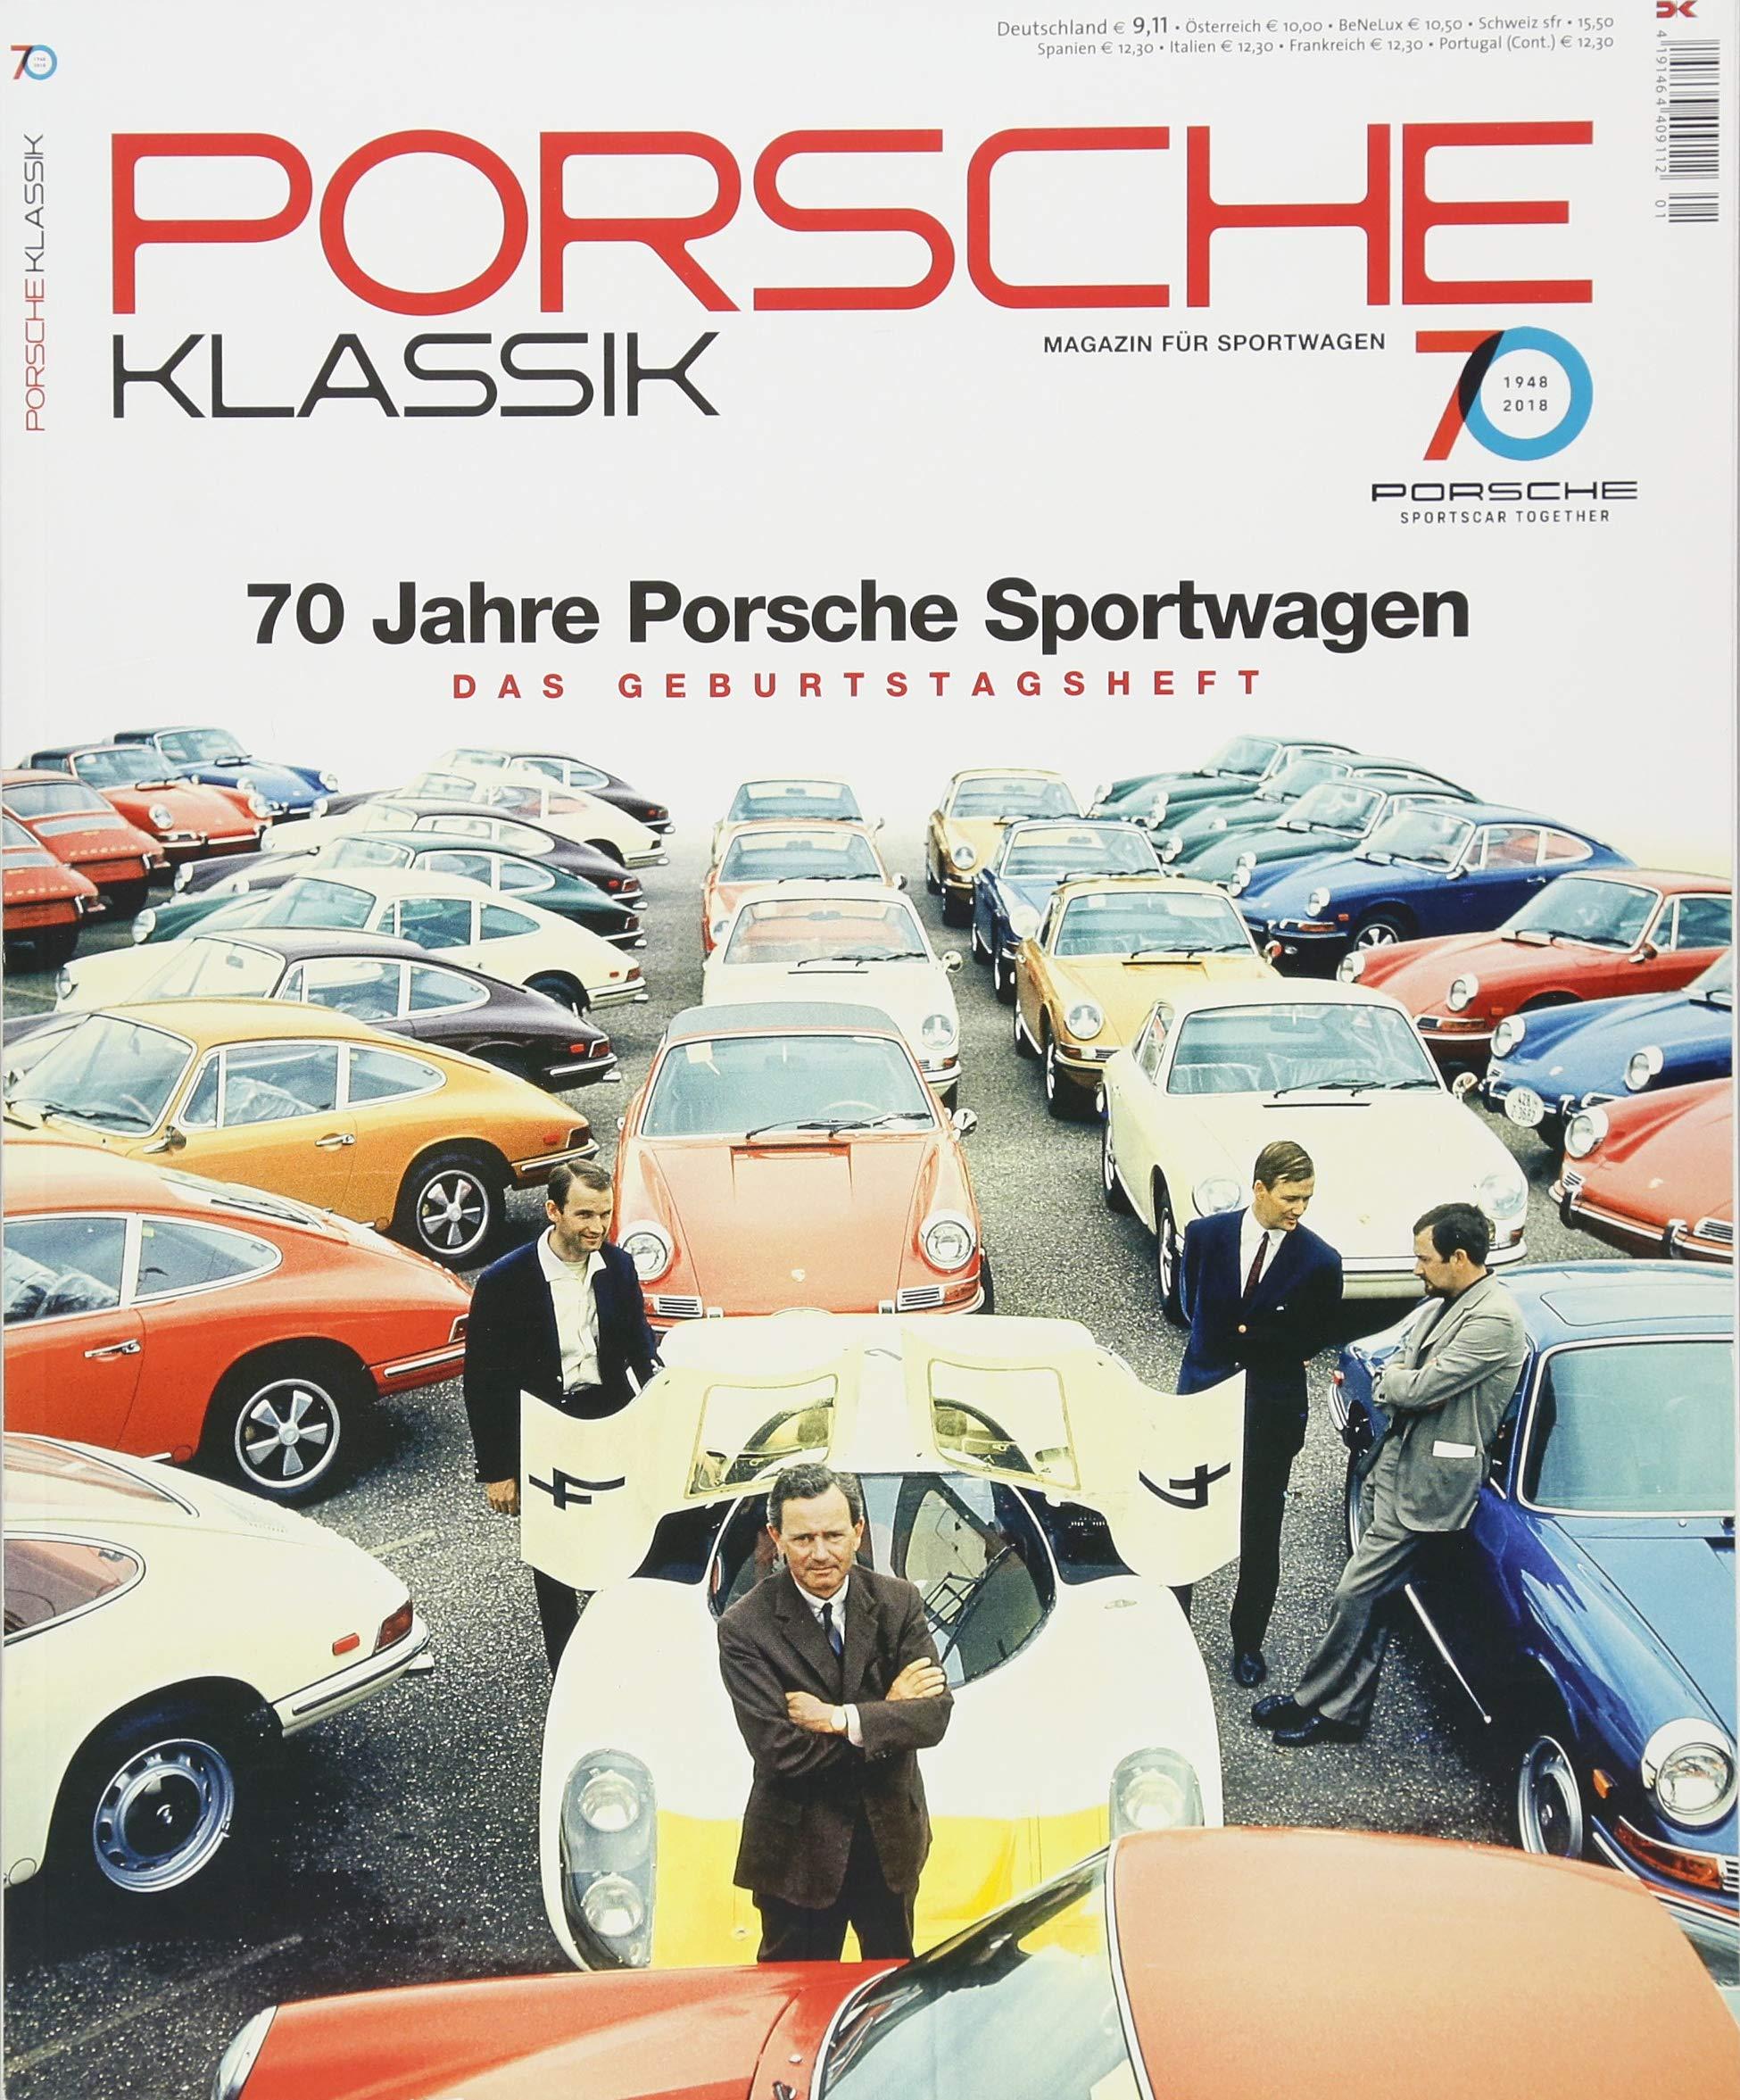 PORSCHE KLASSIK Special - 70 Jahre Porsche Sportwagen: Das Jubiläumsheft